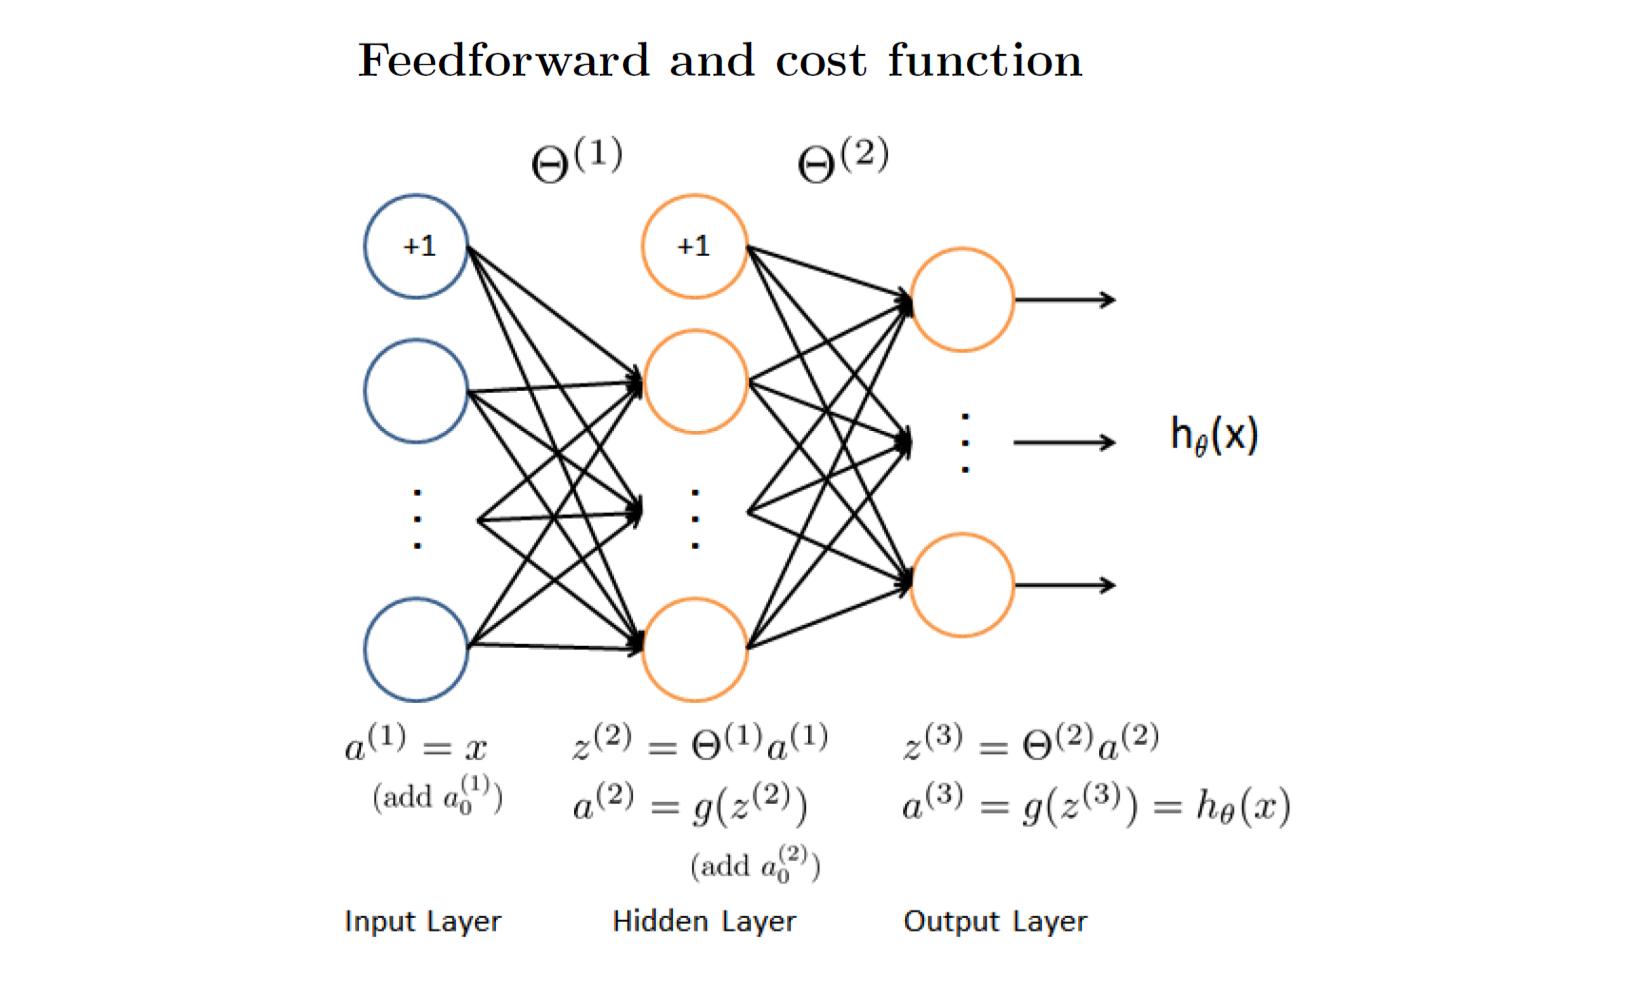 Feedforward model